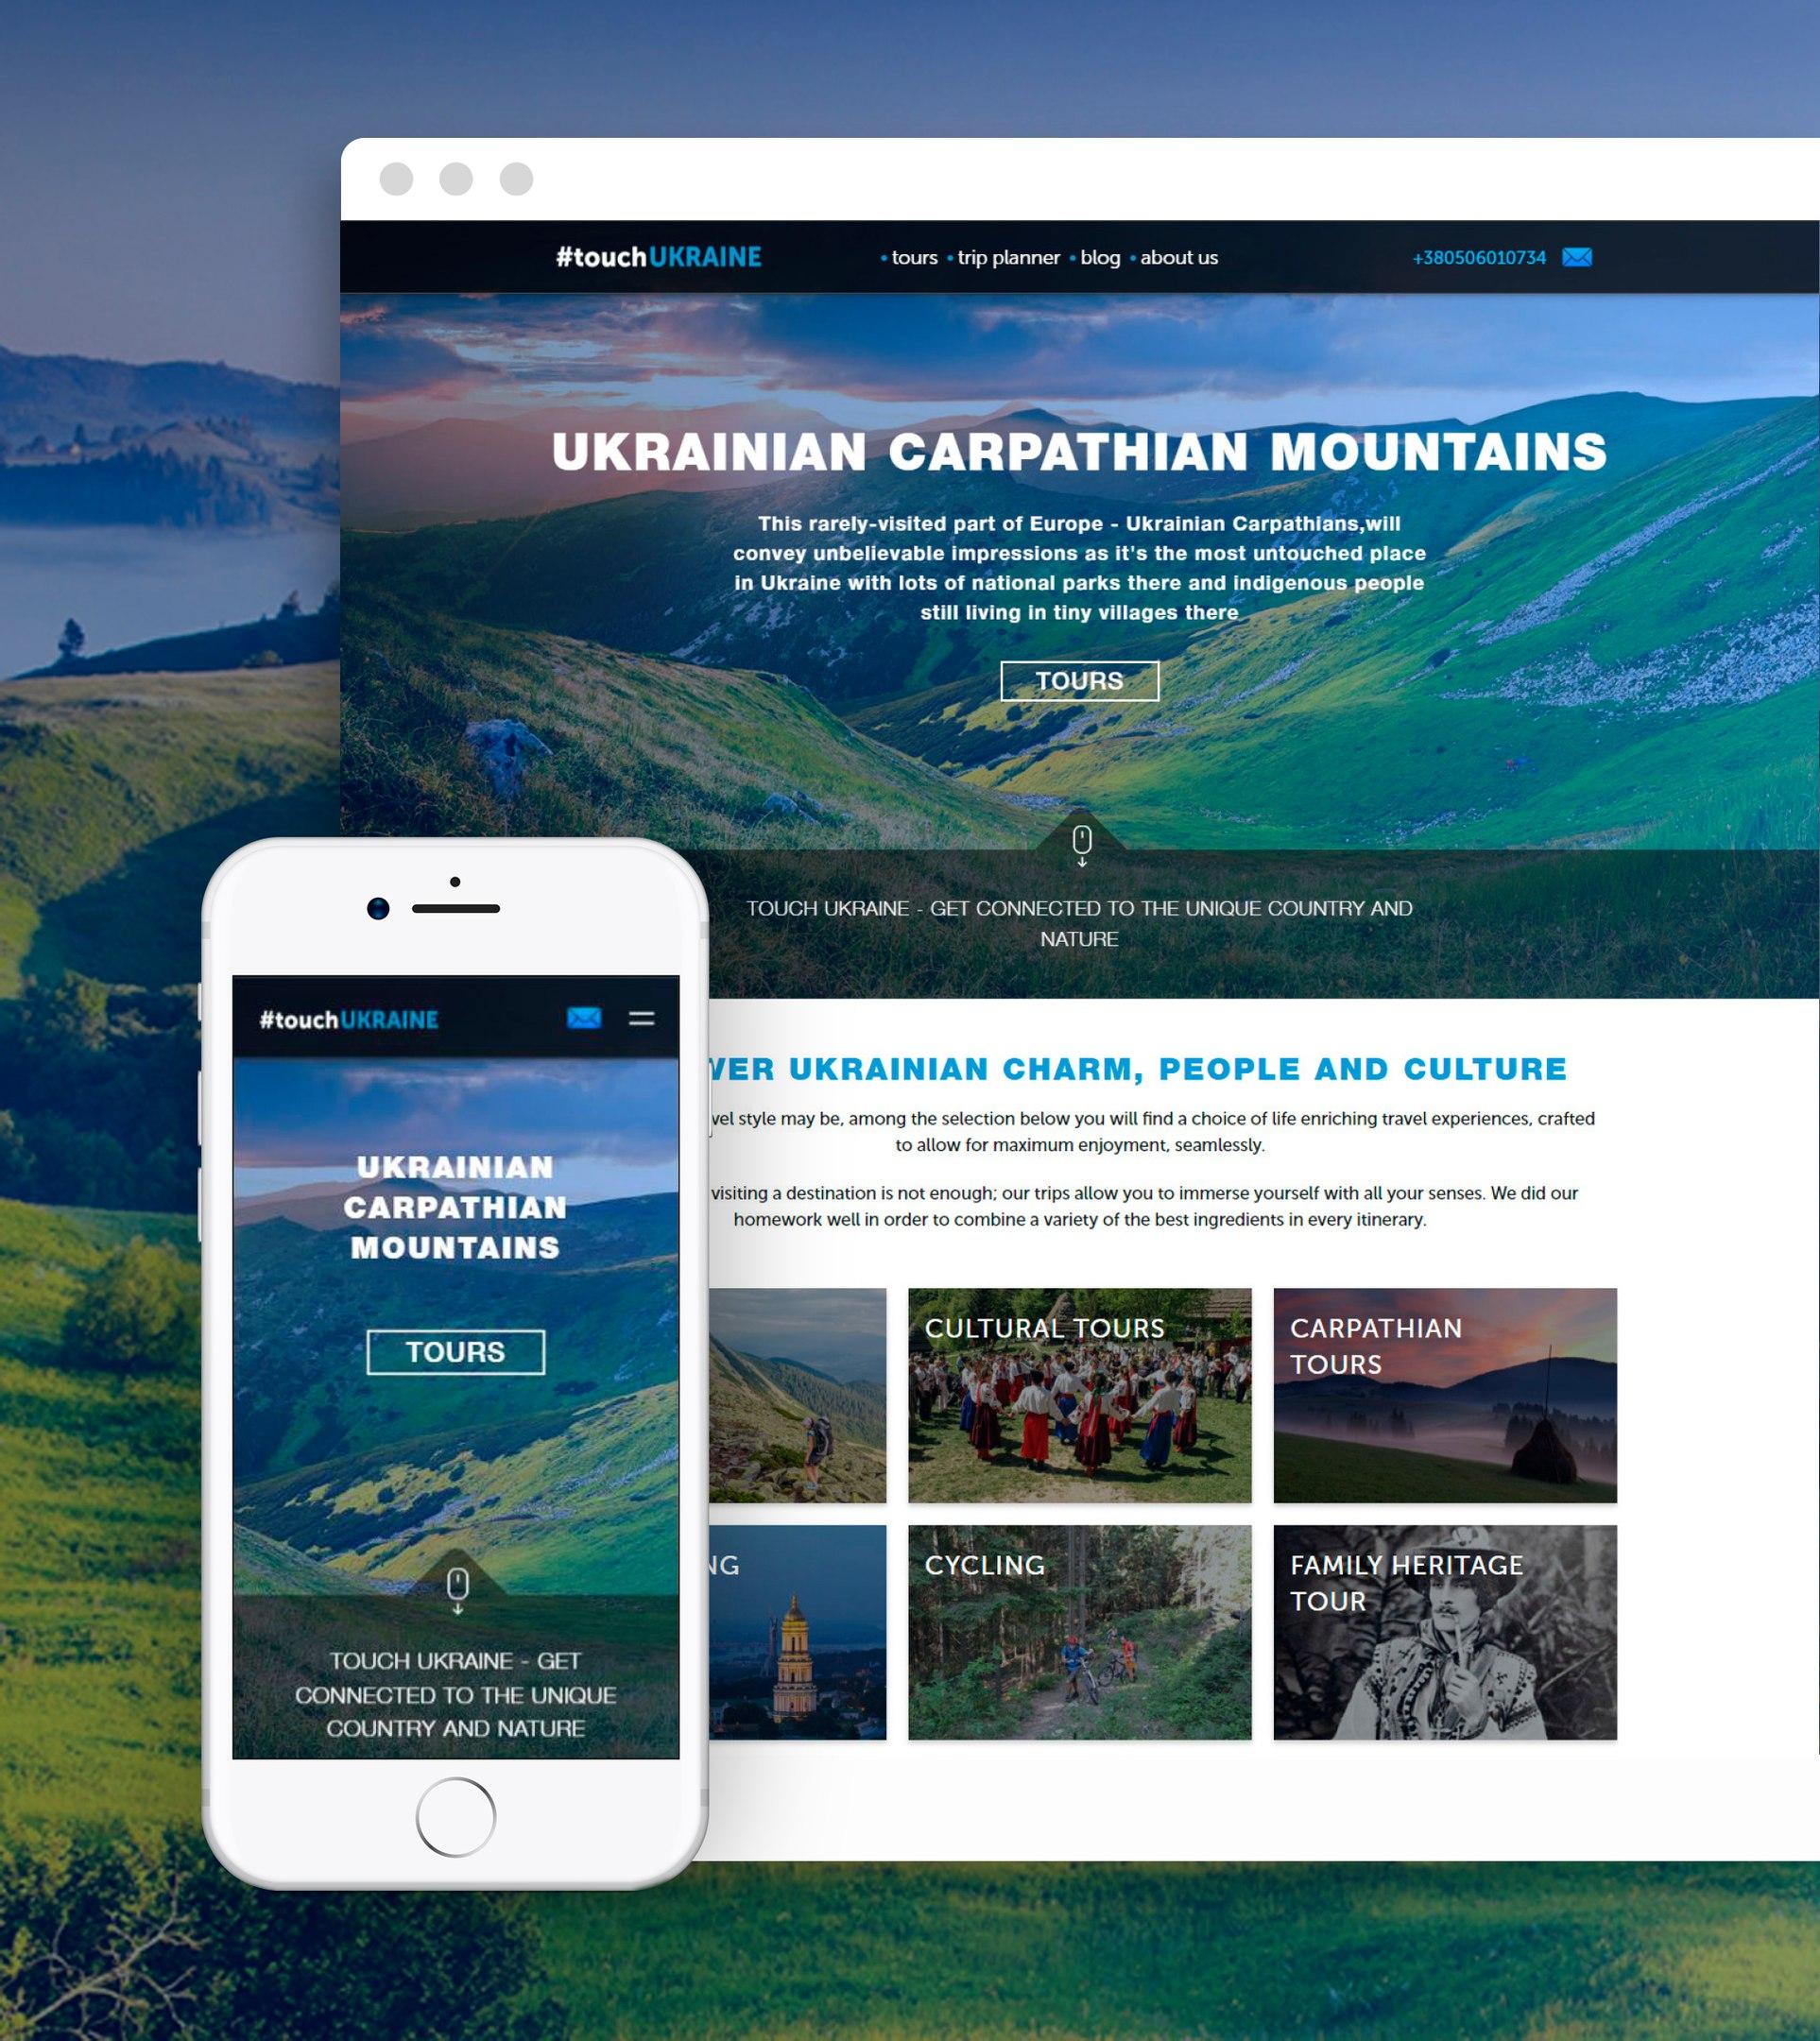 Фото Закончили еще один успешный проект. Туристический сайт с уникальными турами Украины. На разработку веб-сайта ушло 25 дней. Разработан уникальный шаблон, натянутый на Wordpress. Также добавили возможность для клиента - легко, без знания кода - создавать туры, и публиковать их на сайте.